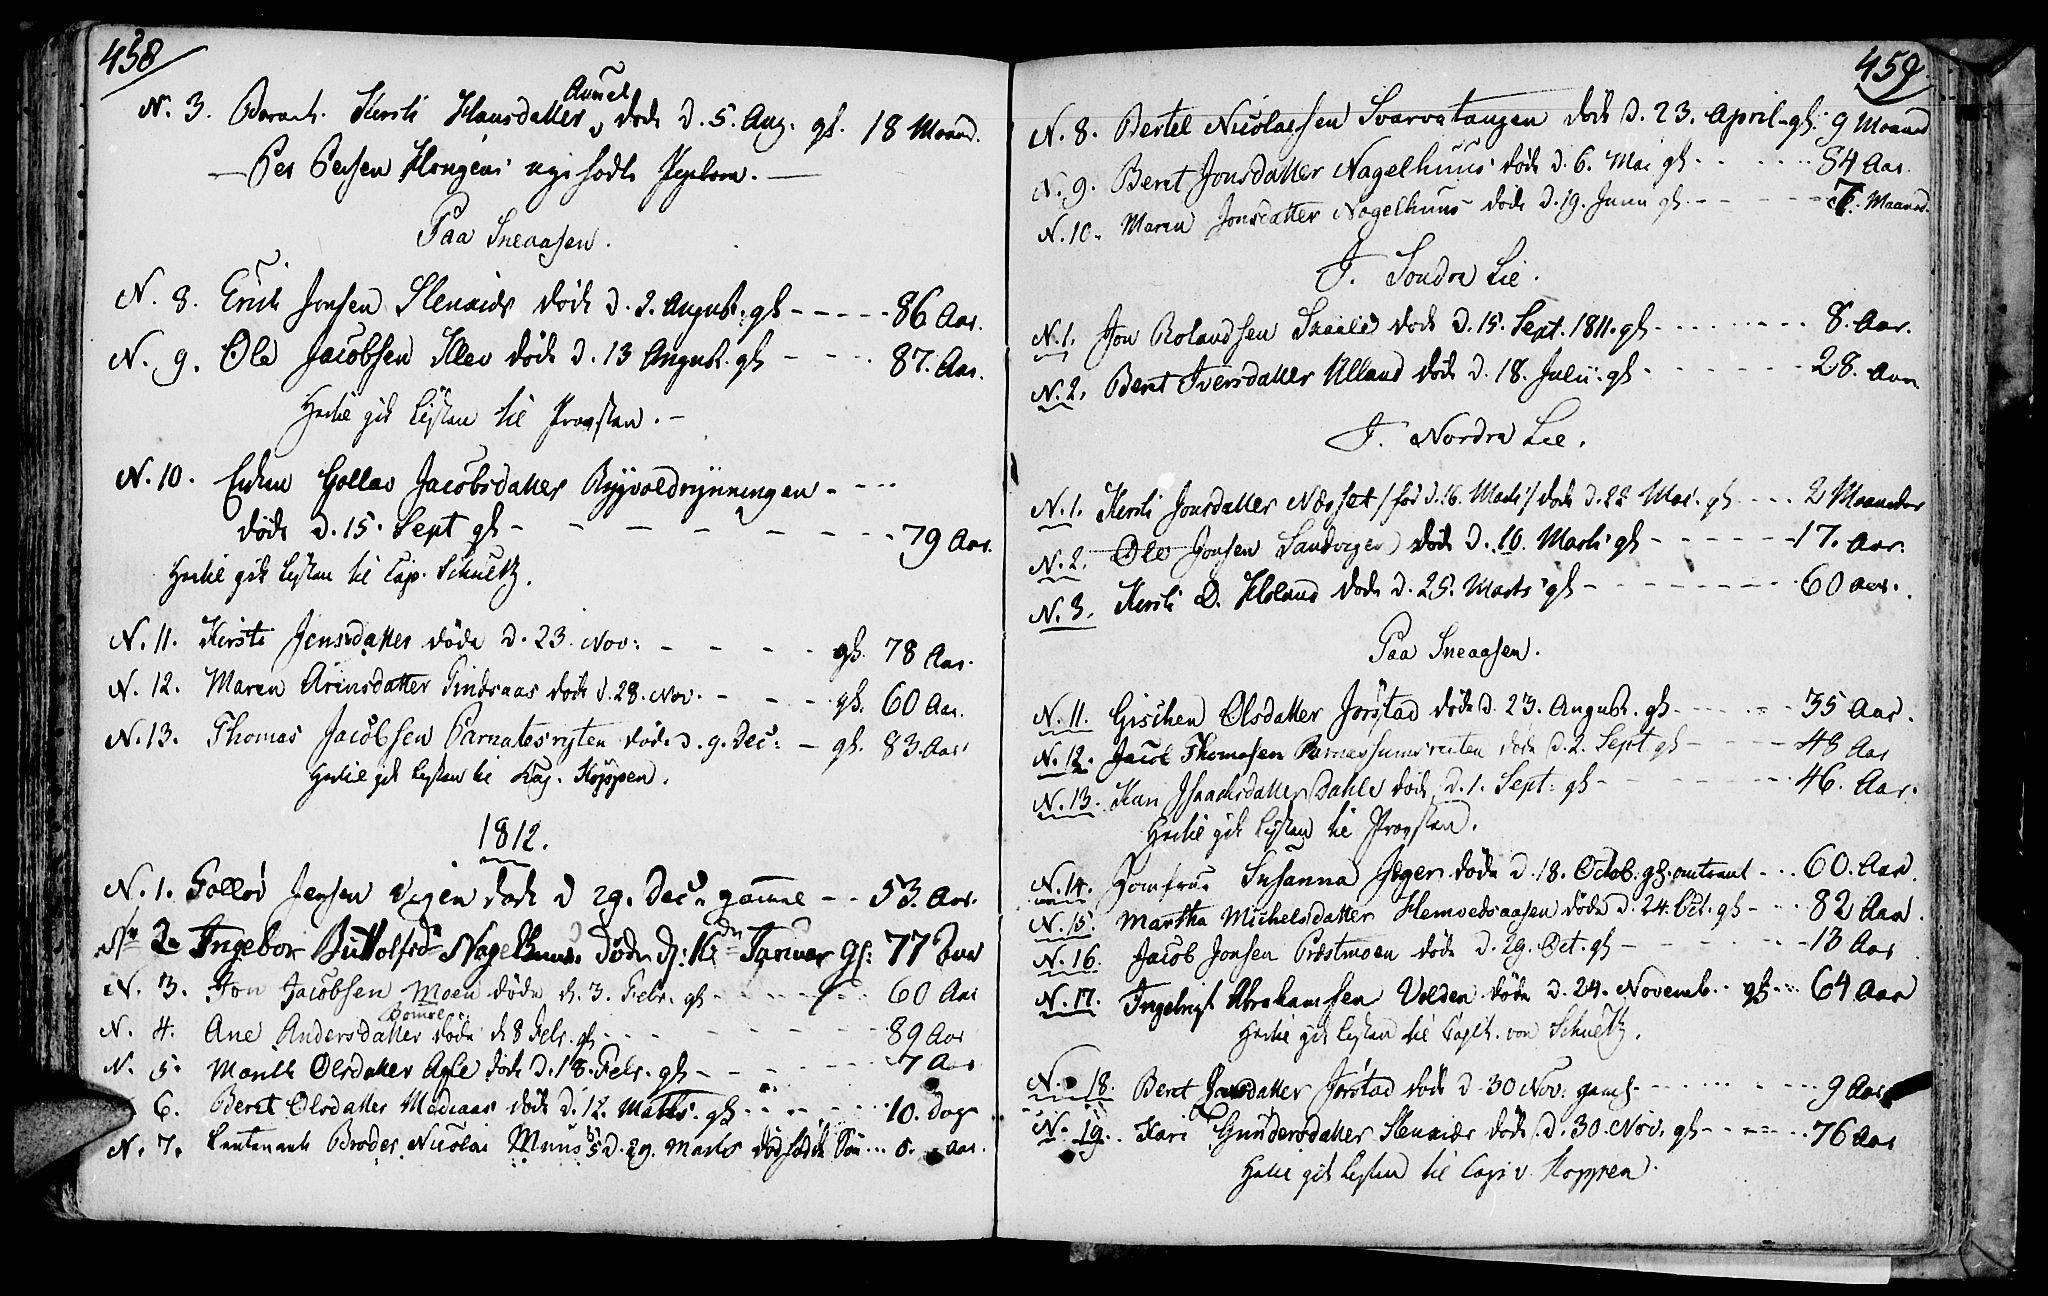 SAT, Ministerialprotokoller, klokkerbøker og fødselsregistre - Nord-Trøndelag, 749/L0468: Ministerialbok nr. 749A02, 1787-1817, s. 458-459